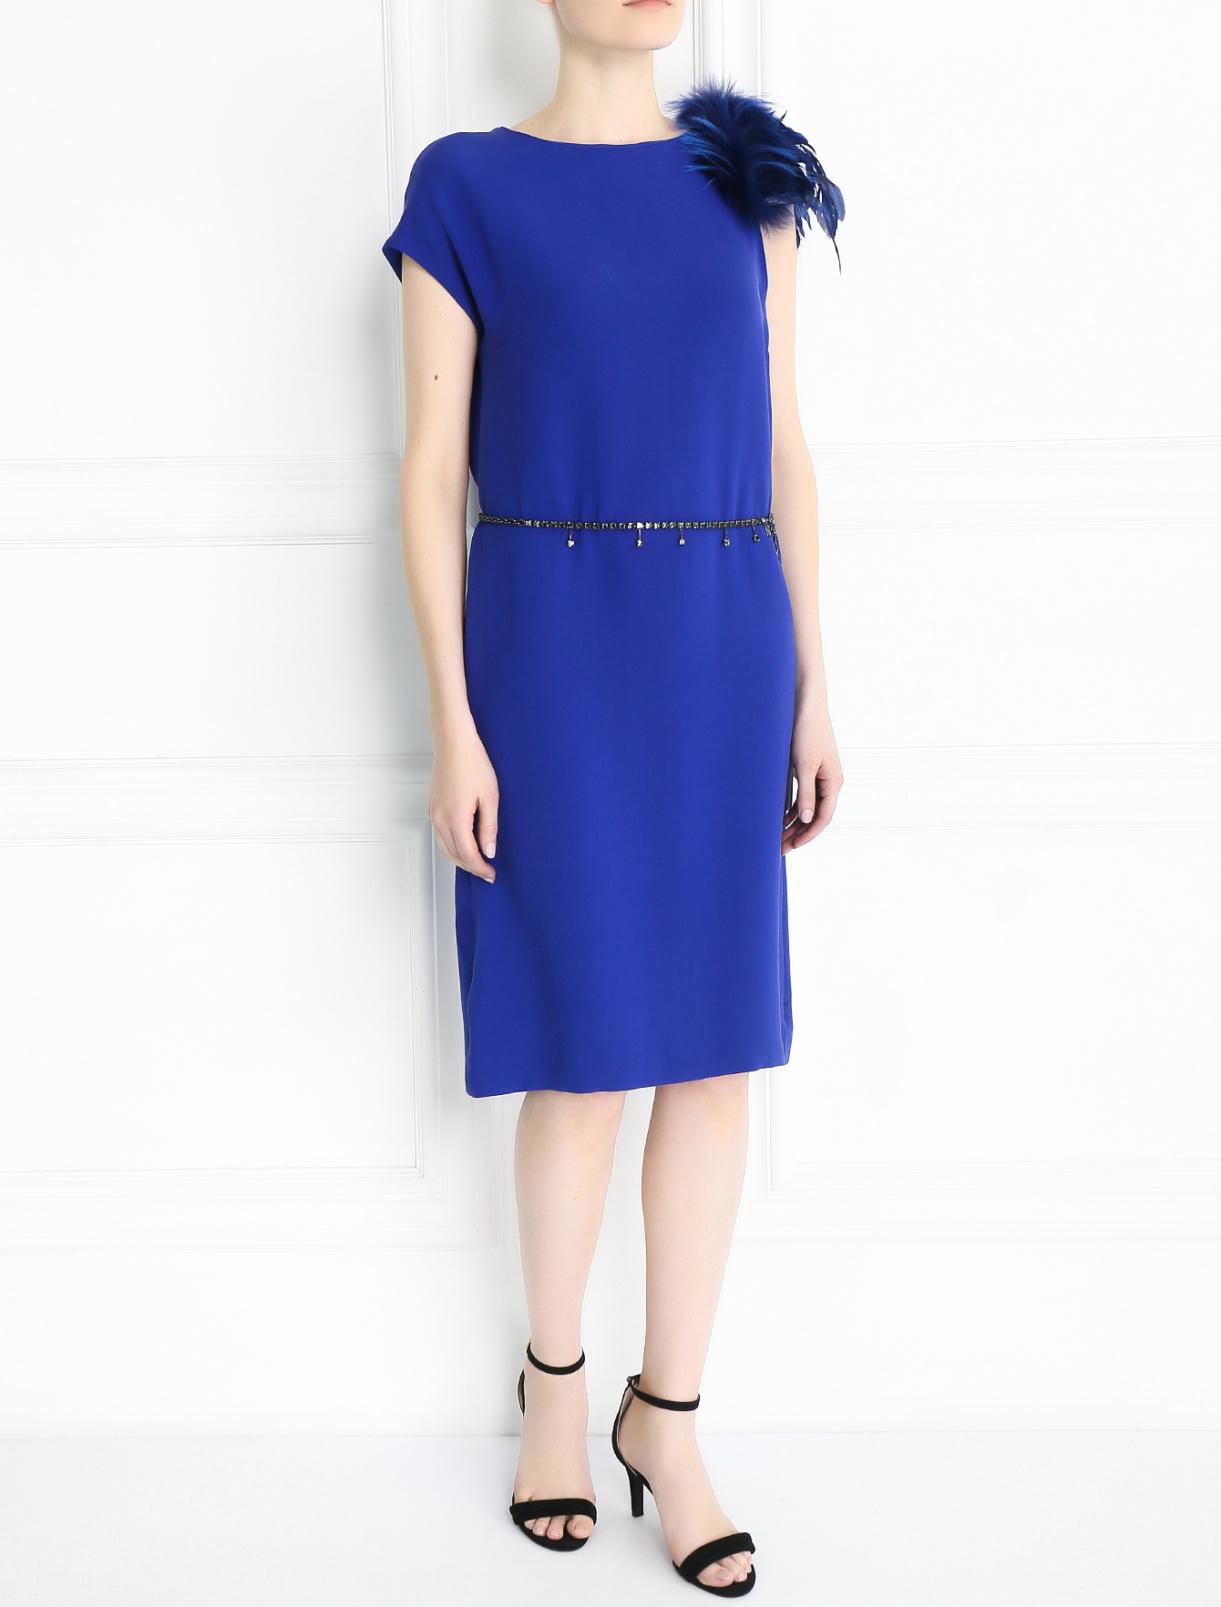 Платье прямого кроя декорированное перьями Yves Salomon  –  Модель Общий вид  – Цвет:  Синий